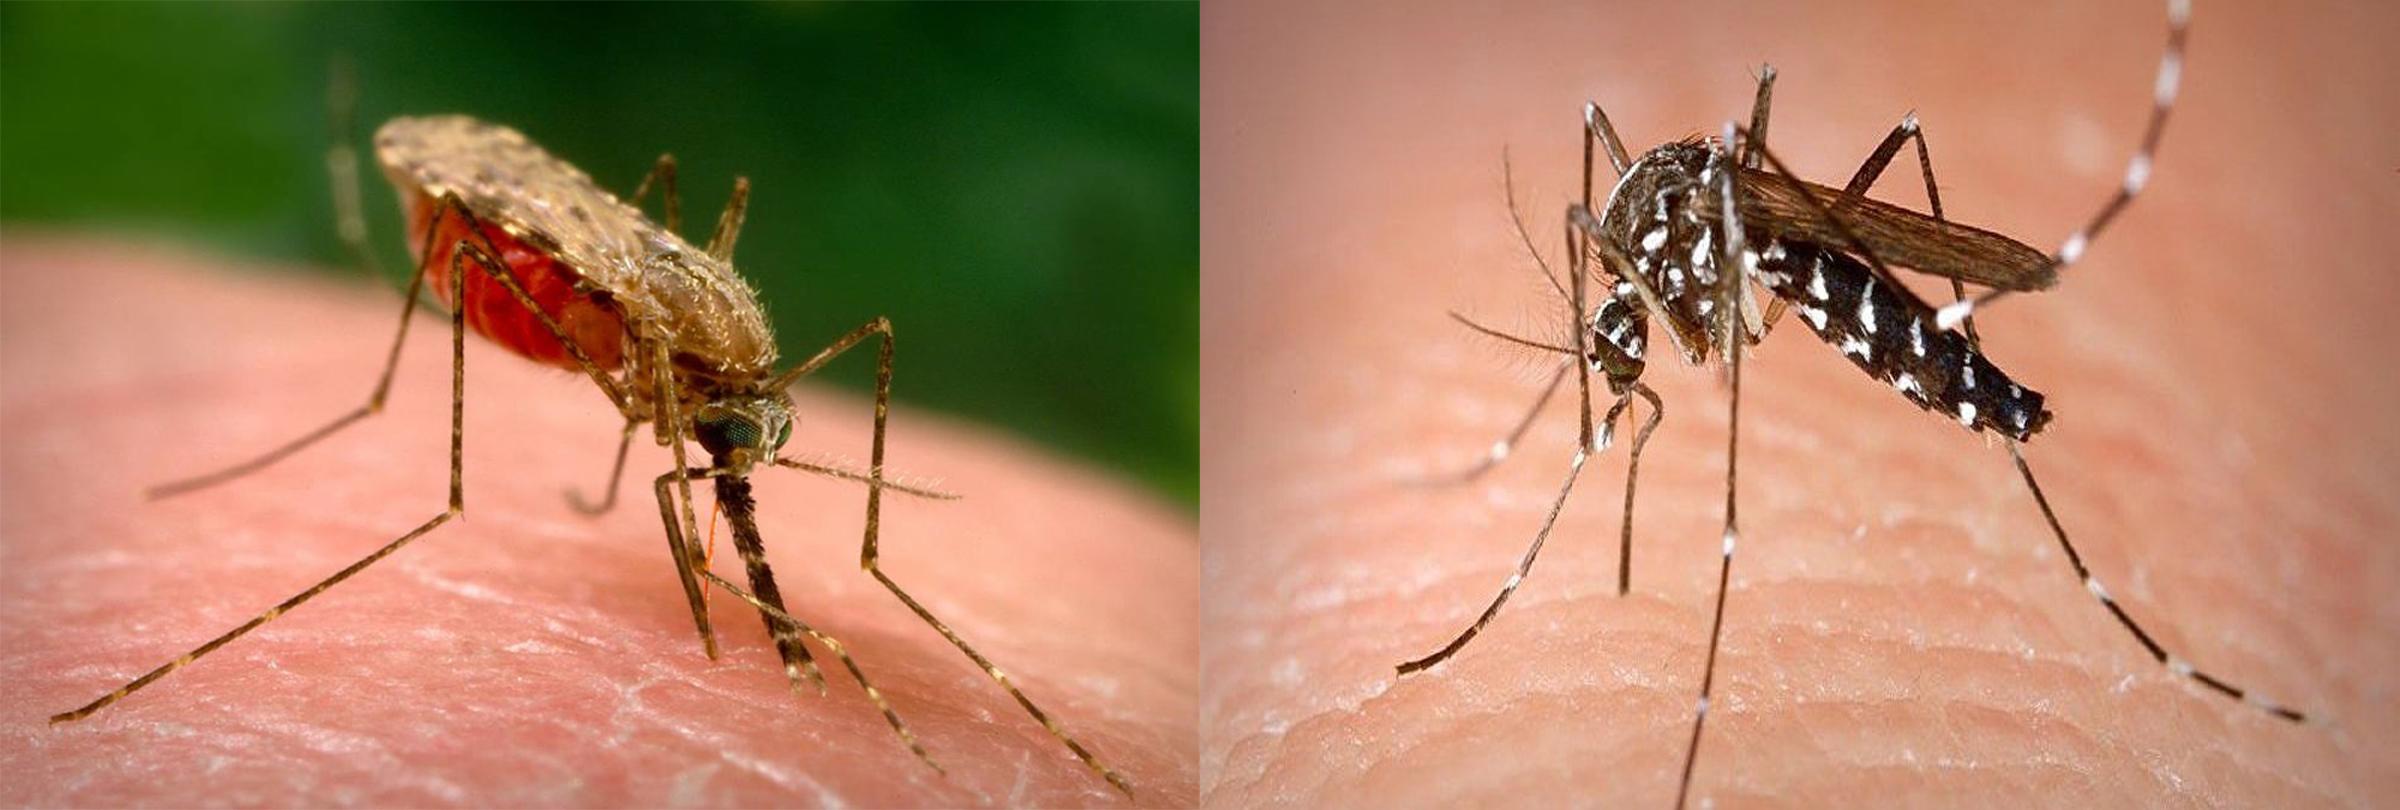 Phân biệt muỗi vằn và muỗi anophen gây bệnh sốt rét và bệnh sốt xuất huyết